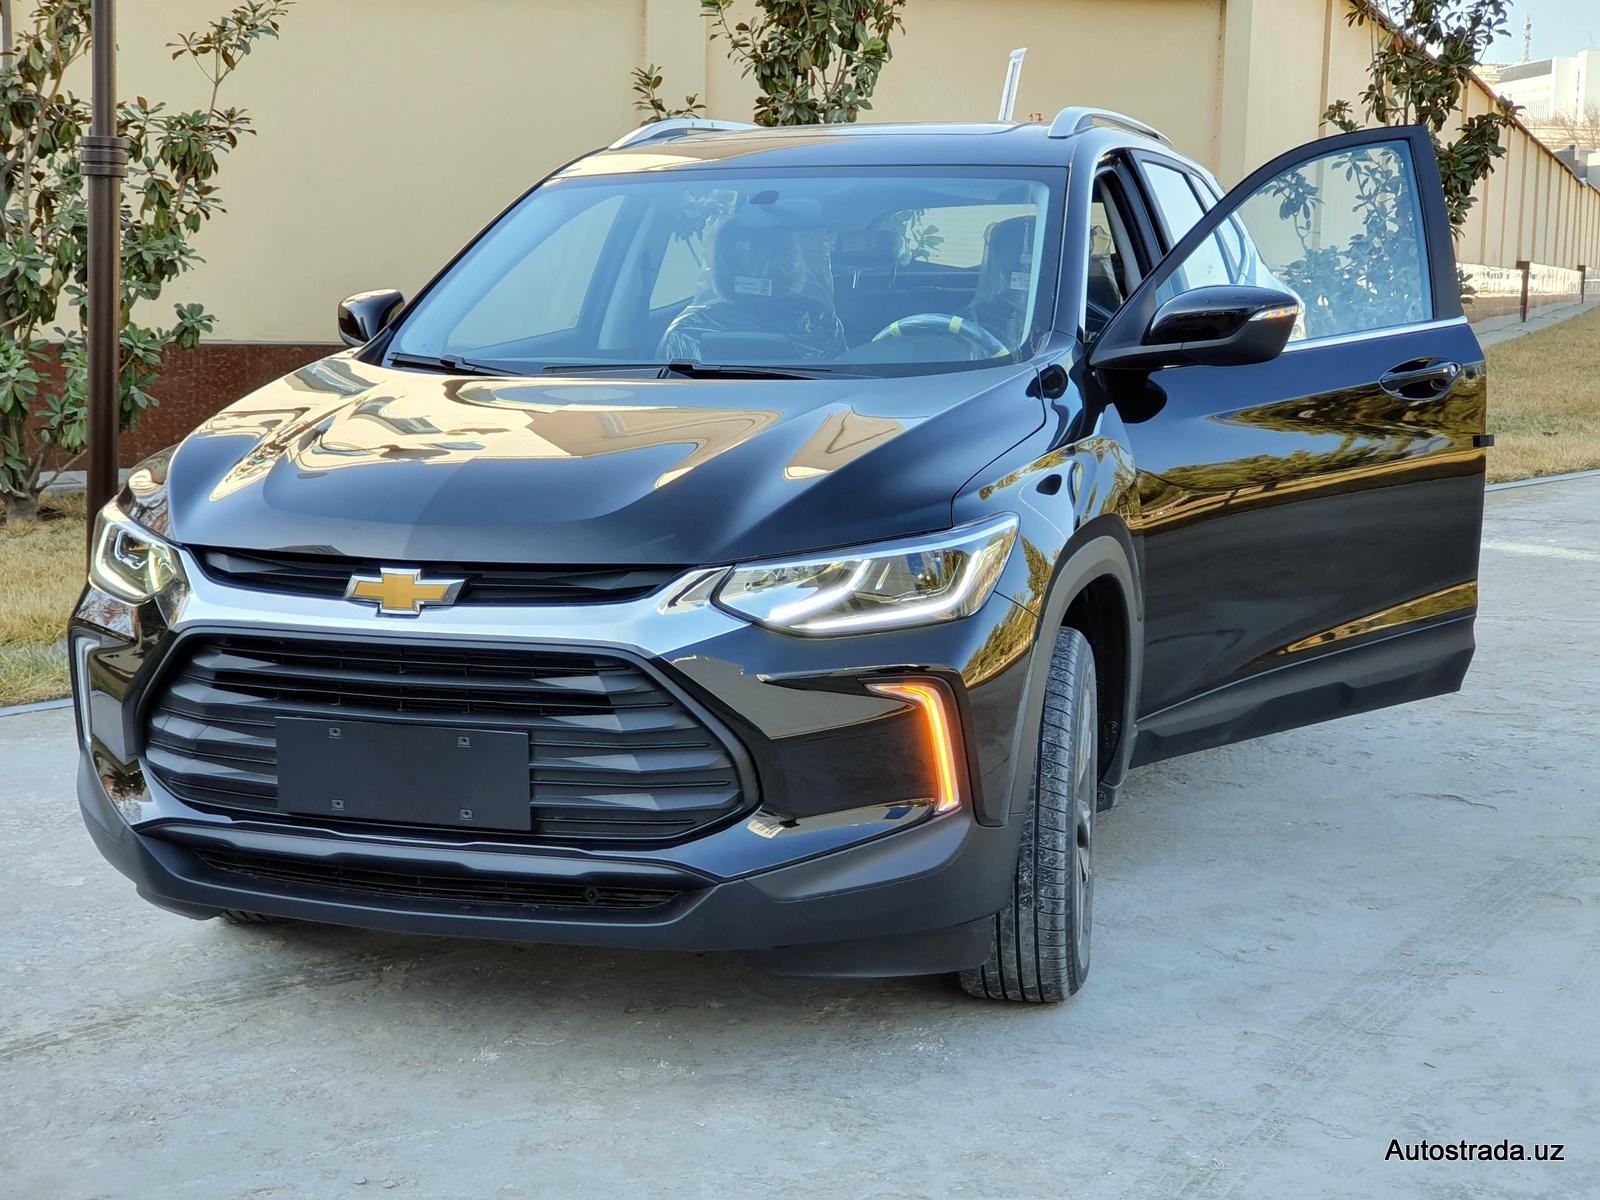 Chevrolet Tracker 2020 модельного года может заменить текущее поколение паркетника в Узбекистане. UzAuto Motors готовит новую модель к производству, сообщают источники.